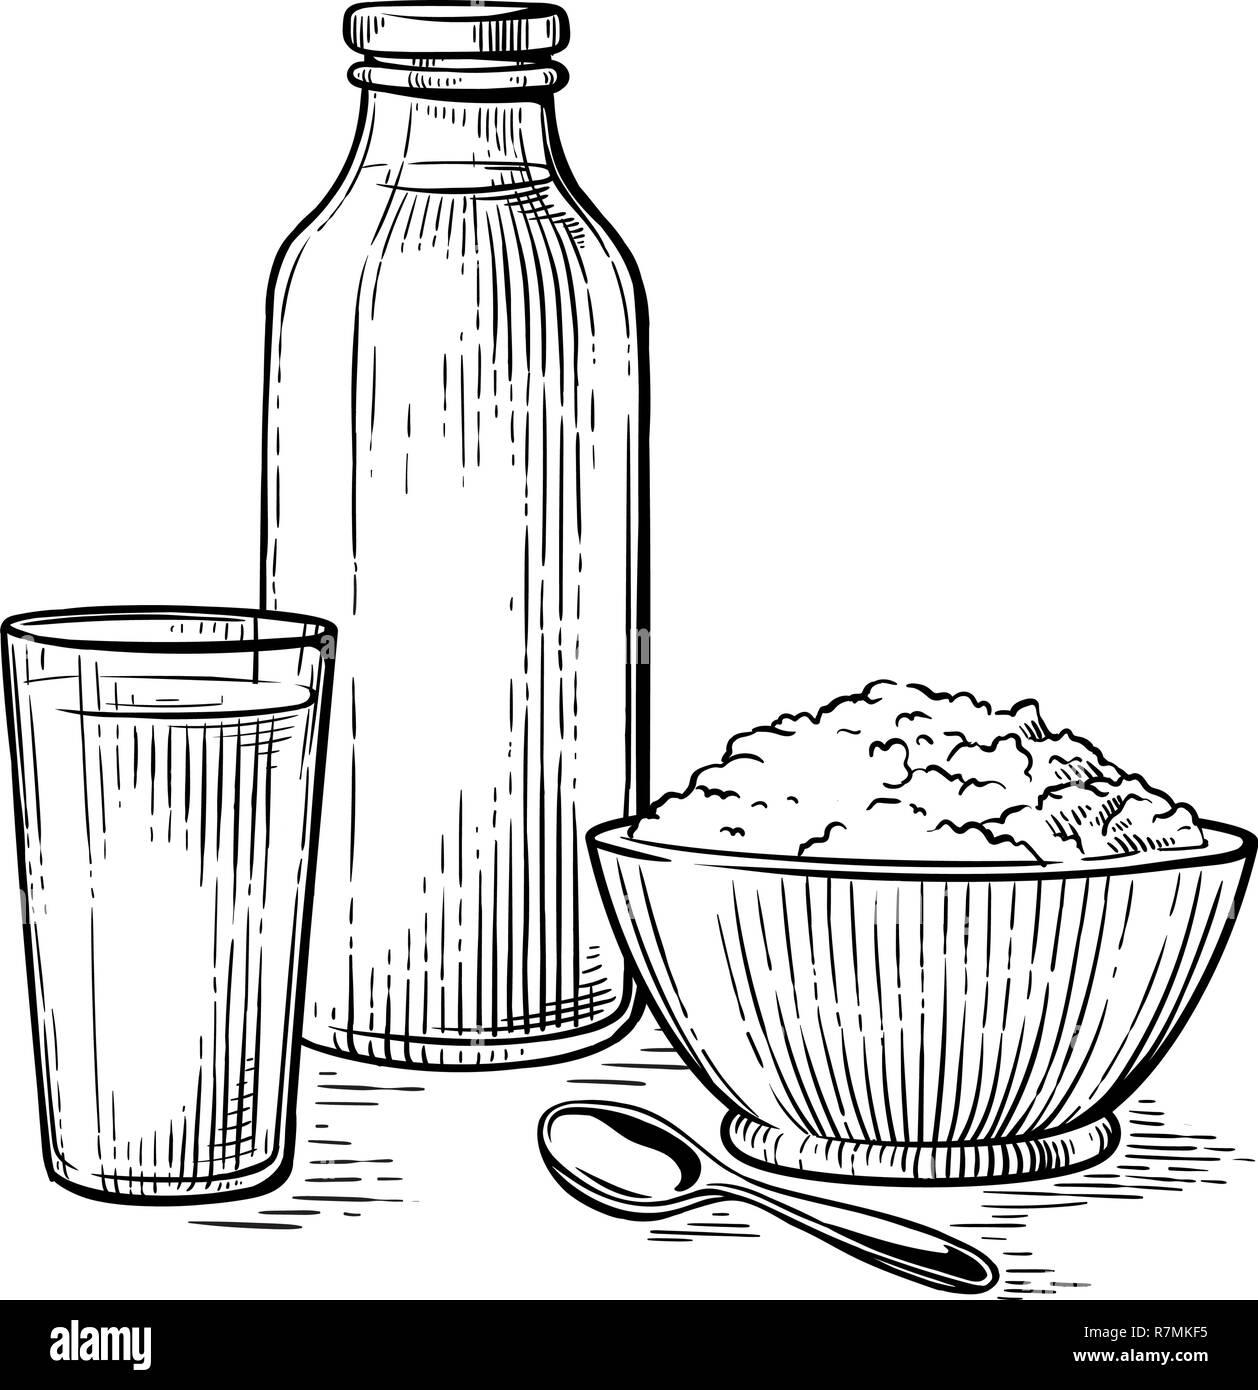 https www alamyimages fr petit dejeuner sain croquis dessin verre de lait caille friable d illustration vectorielle bouteille de lait image228491737 html